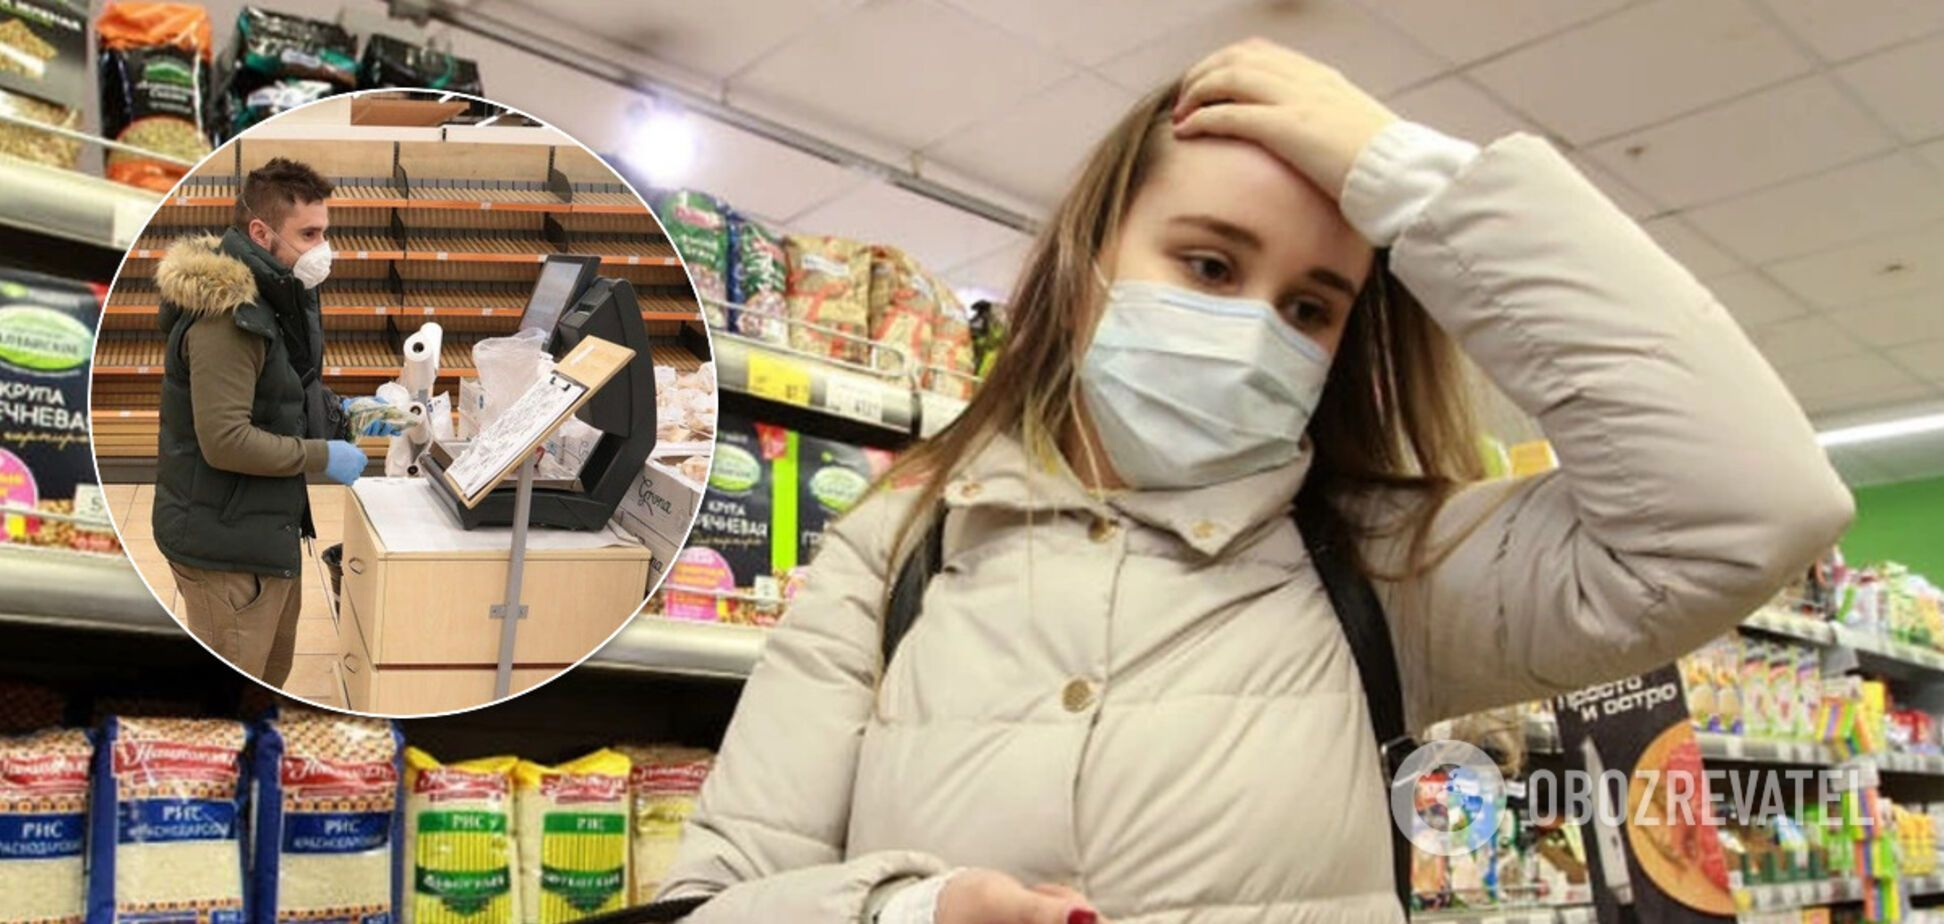 Кишат микробами: названы самые опасные предметы в супермаркетах